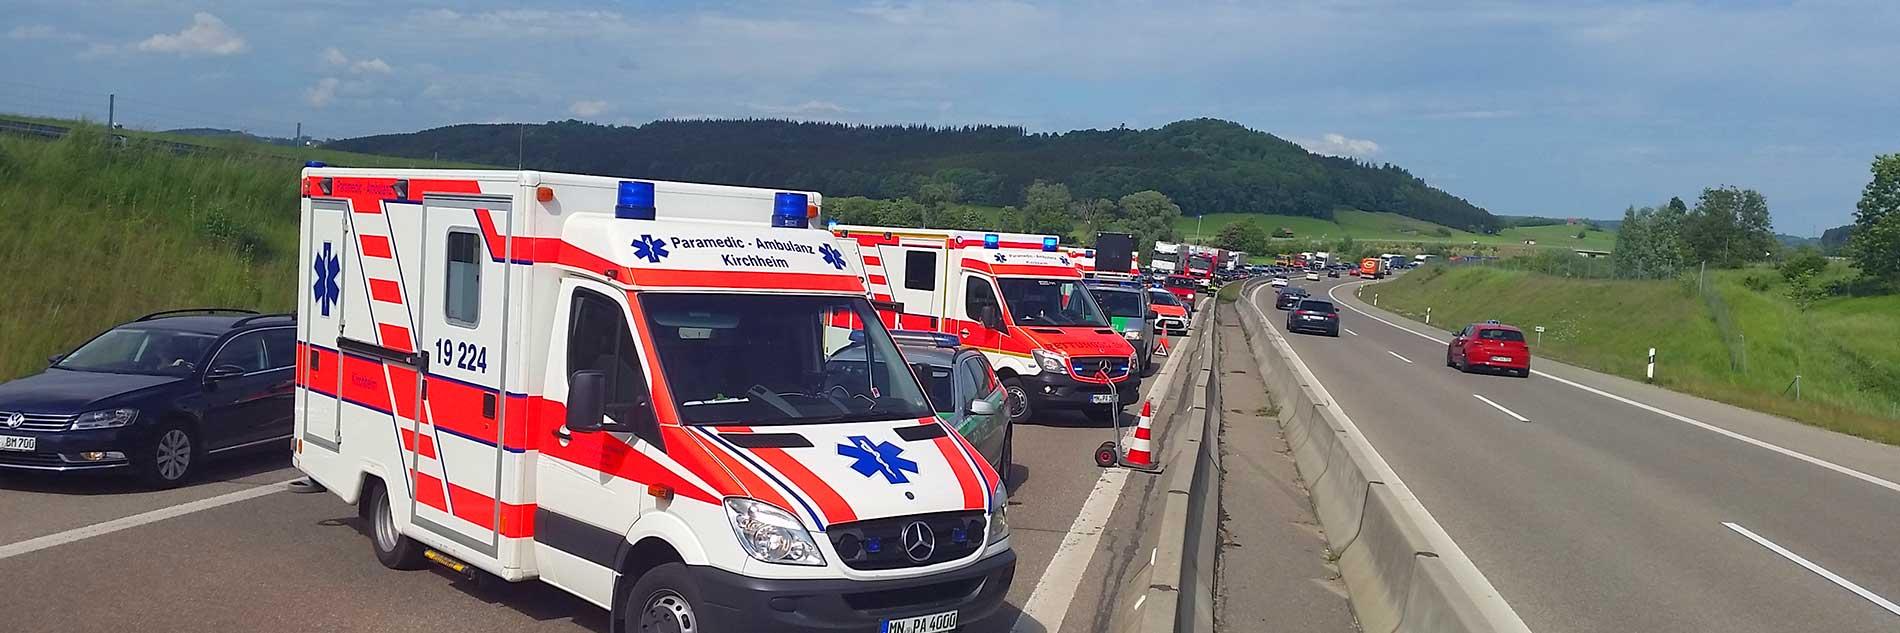 Paramedic – Ambulanz Kirchheim:  Einsatzleiter Rettungsdienst (ELRD)